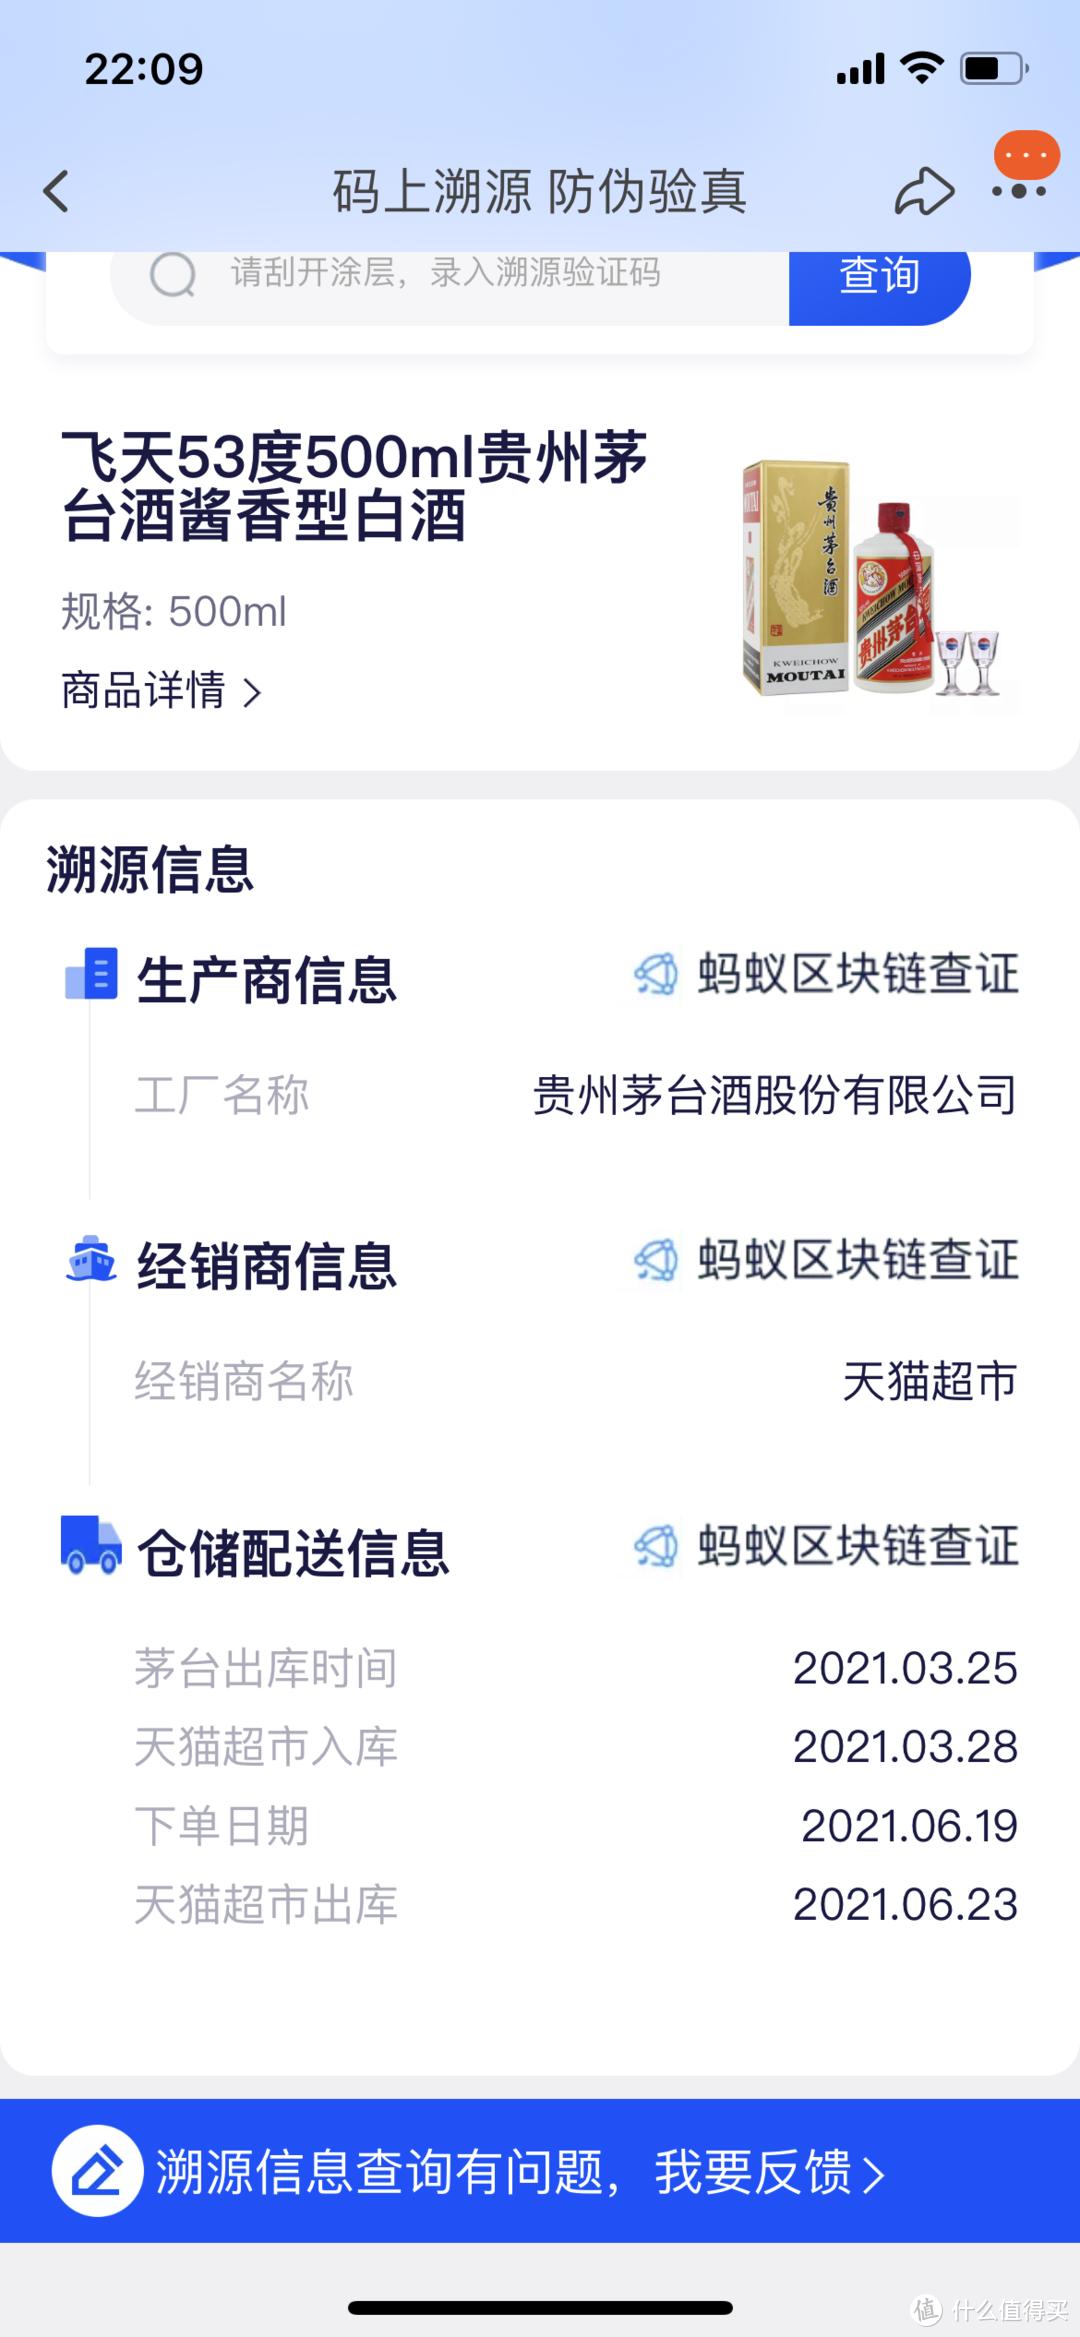 618天猫超市抢购2瓶贵州茅台53度精品白酒500ml精美开箱